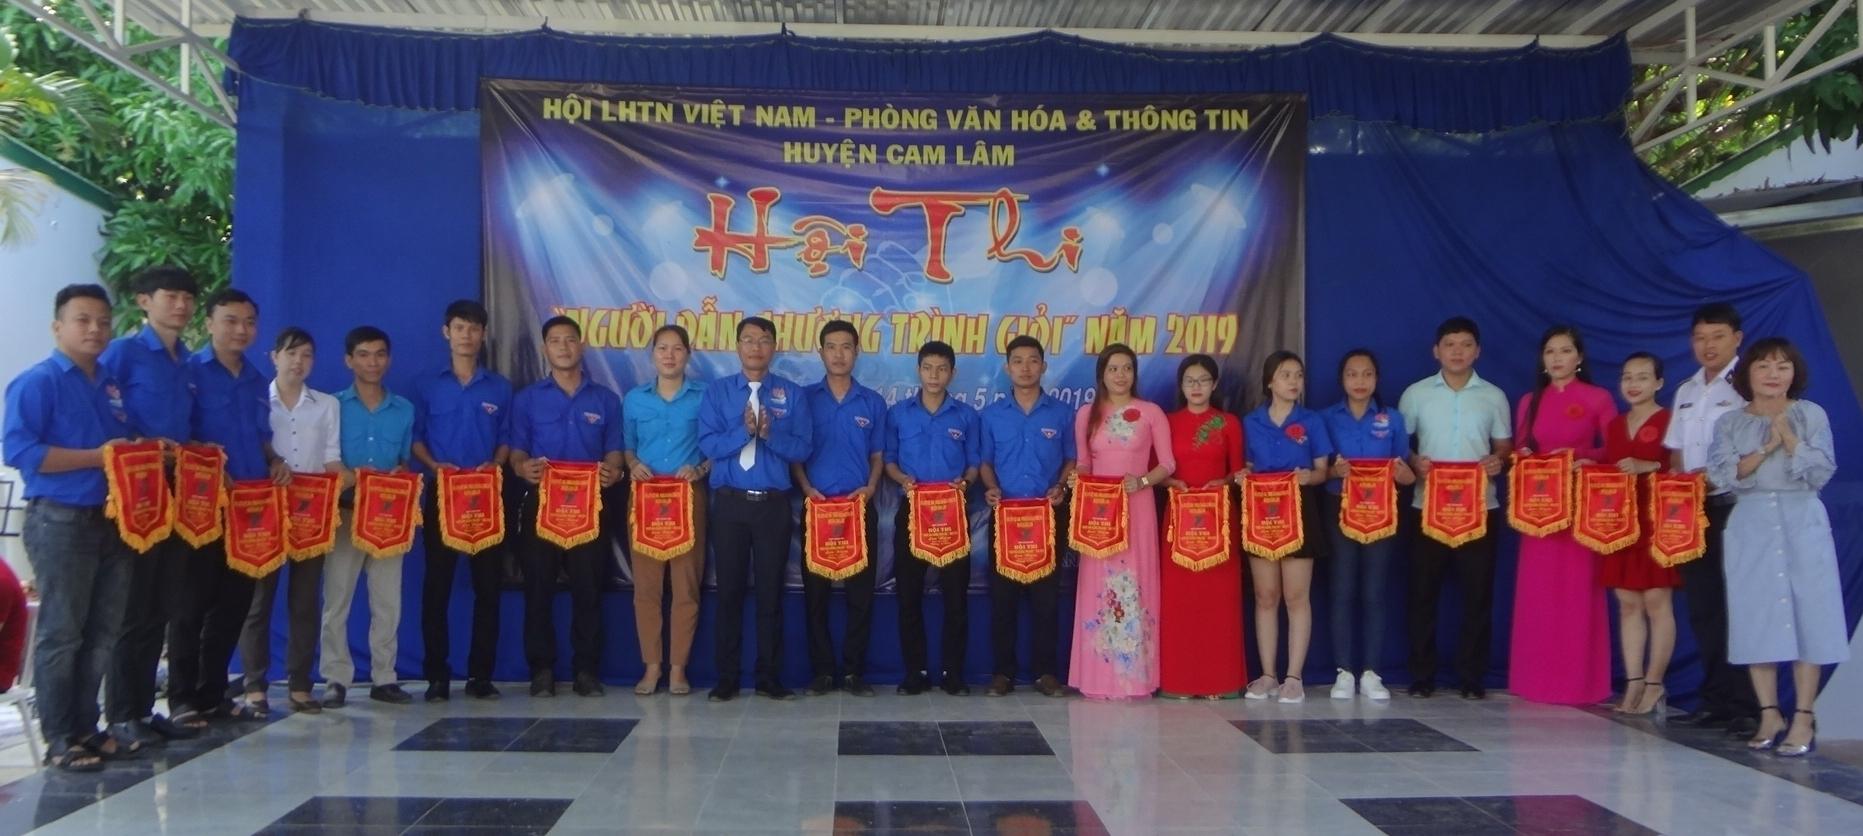 Anh Lê Thanh Văn – Phó Chủ tịch Hội LHTN Việt Nam huyện Cam Lâm và bà Mai Thị Thu Trang – Trưởng Phòng Văn hóa & Thông tin huyện trao cờ lưu niệm cho các đơn vị.